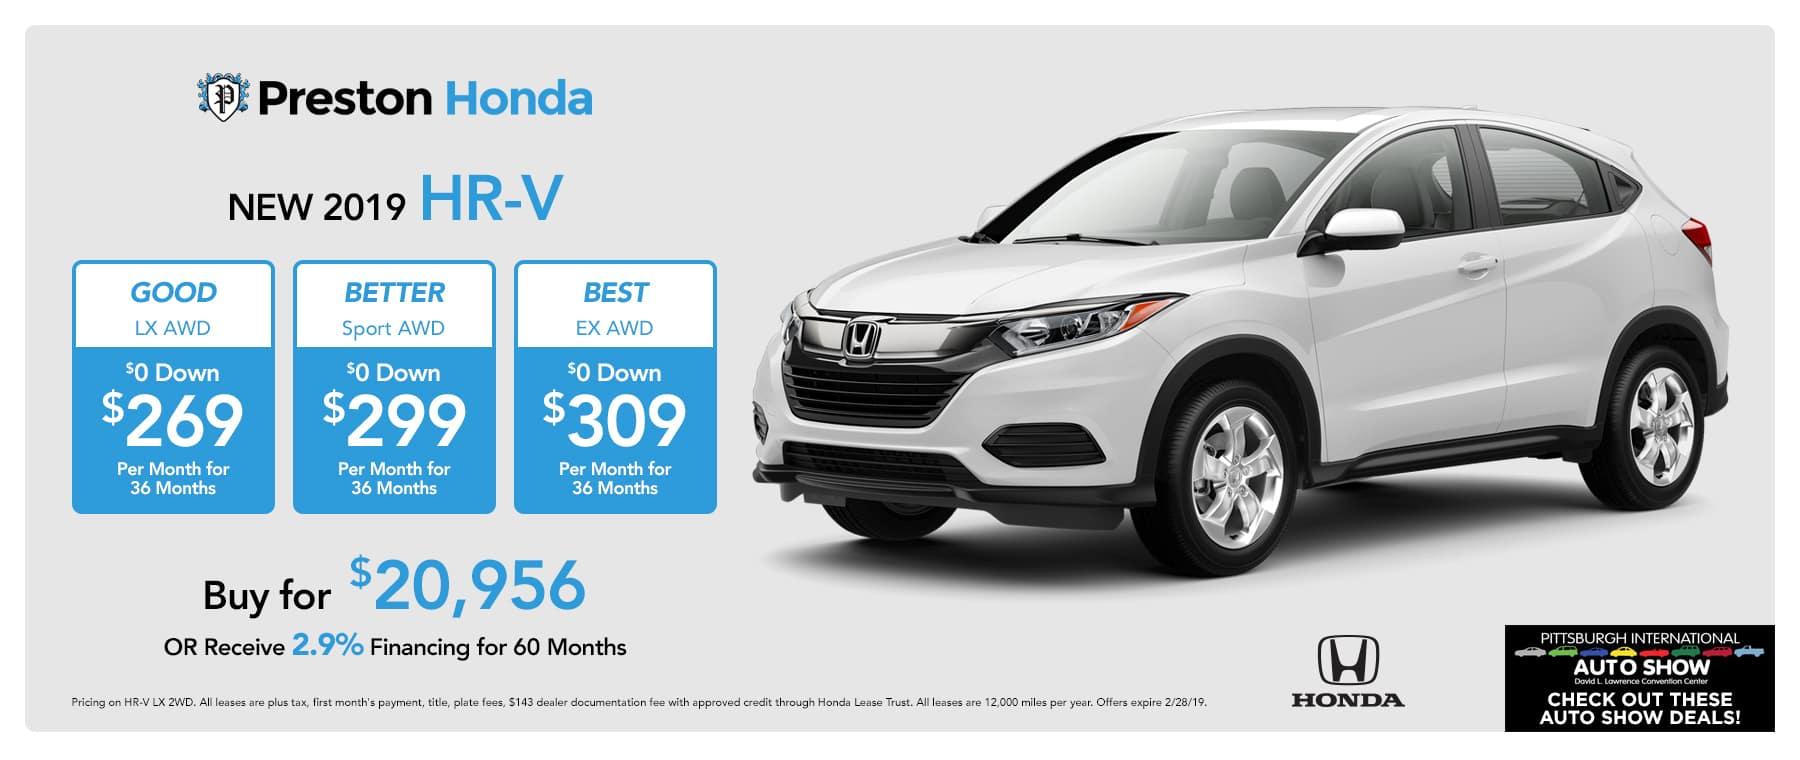 February Offers on the 2019 Honda HR-V